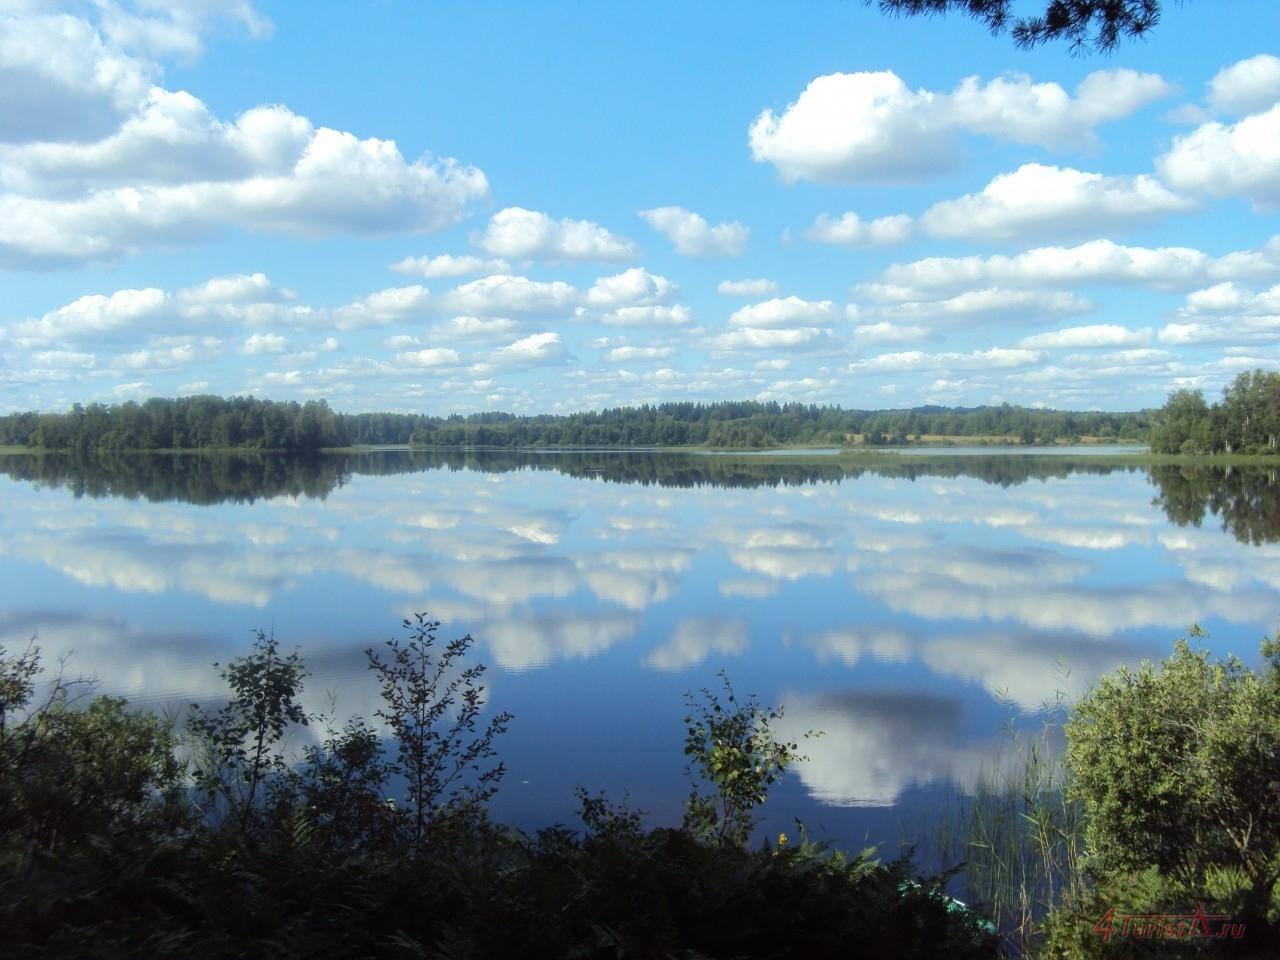 Загадочное озеро «Бросно»